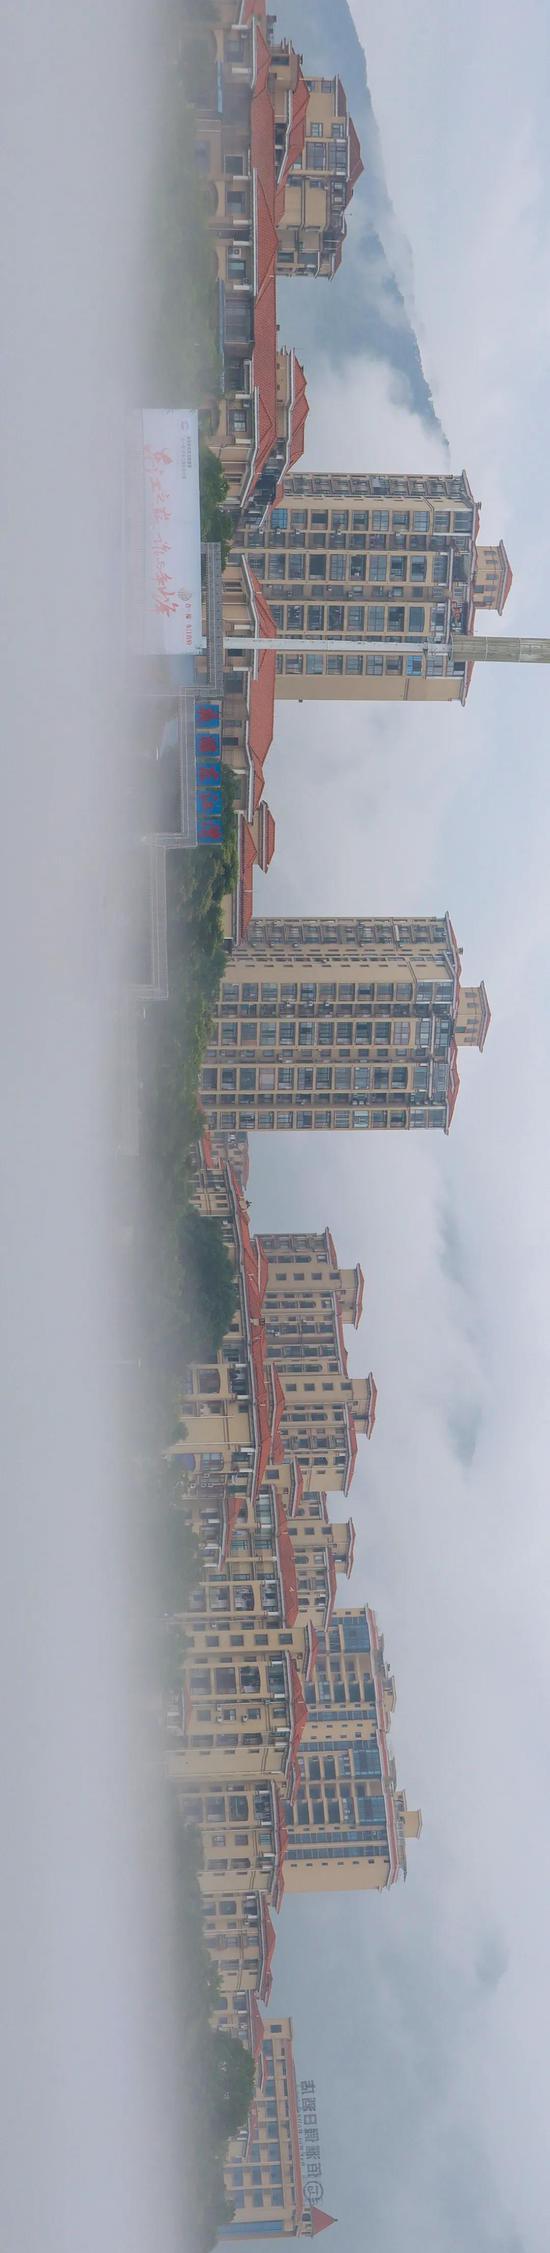 资兴城区全景 周水清 摄